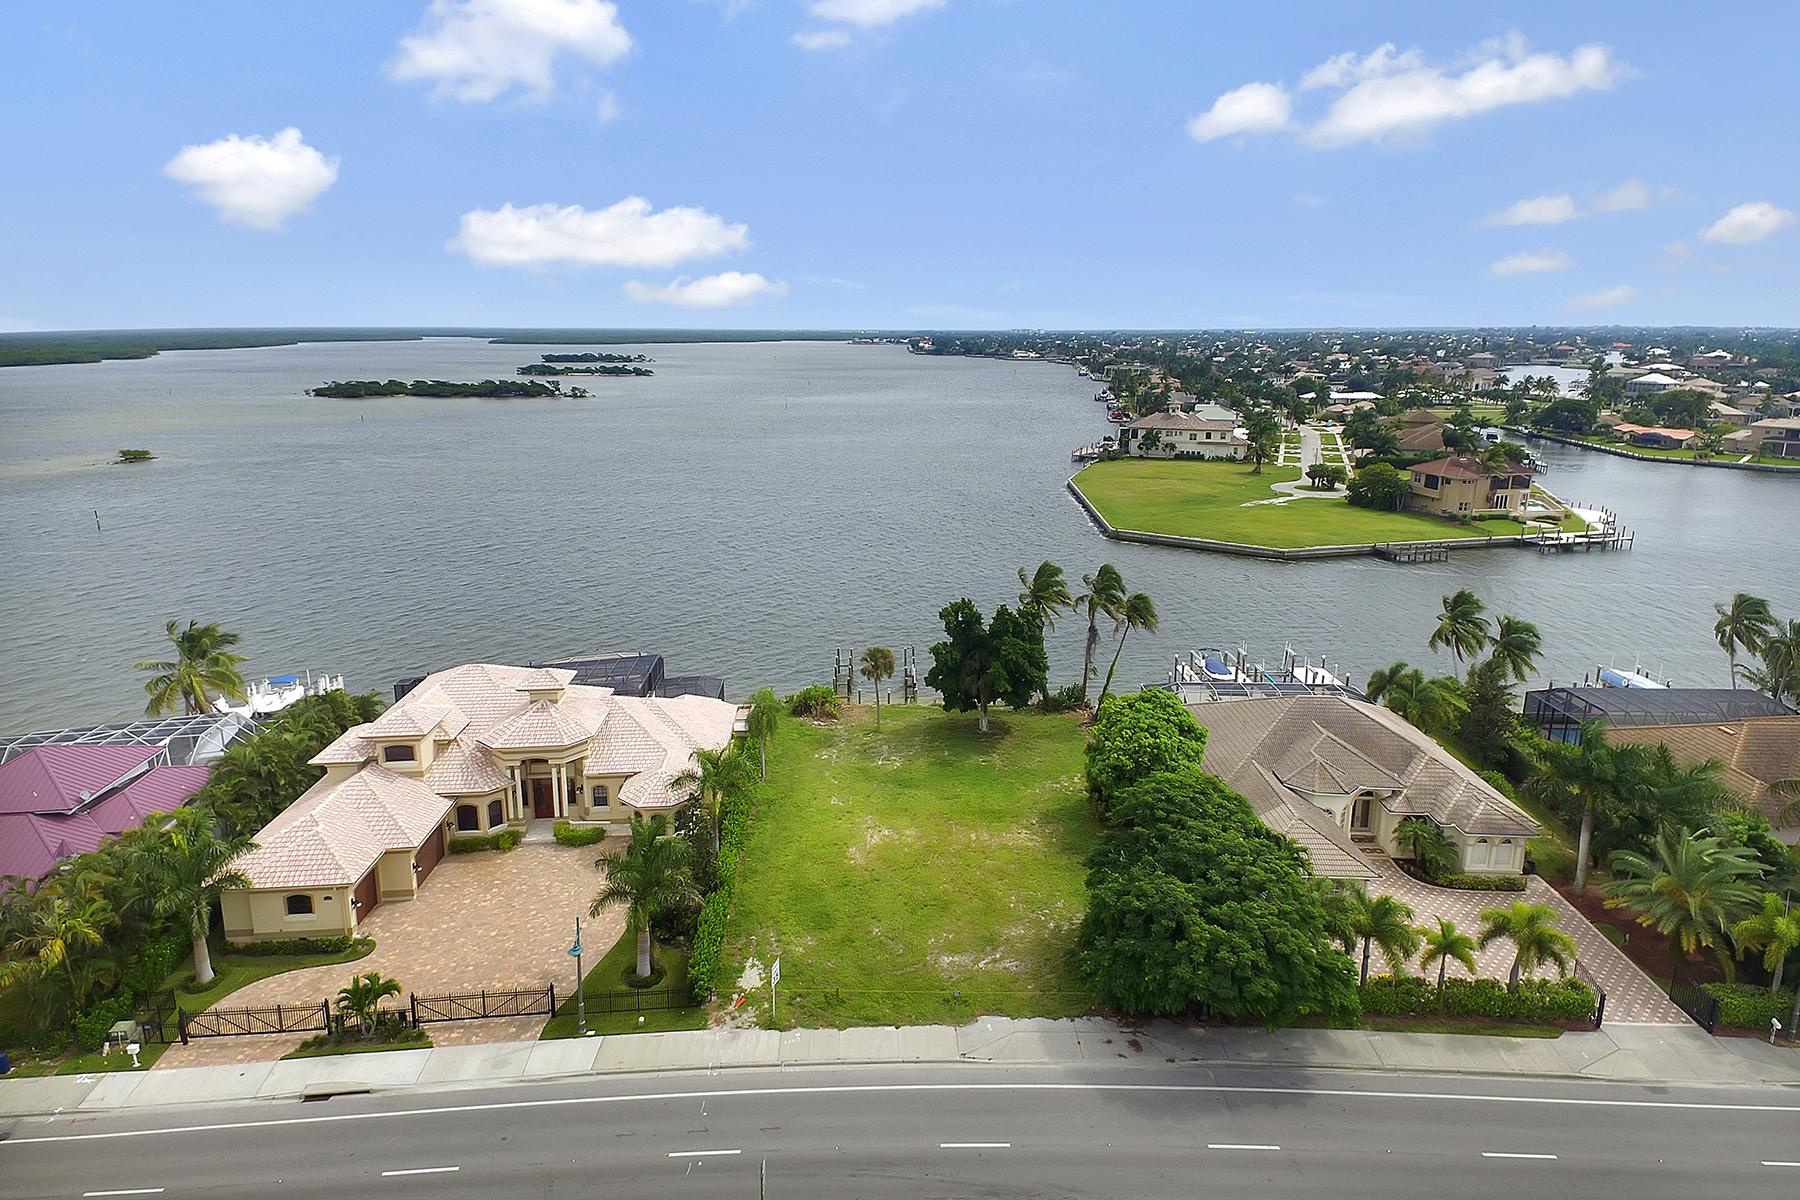 Terreno para Venda às MARCO ISLAND 1389 Collier Blvd Marco Island, Florida 34145 Estados Unidos